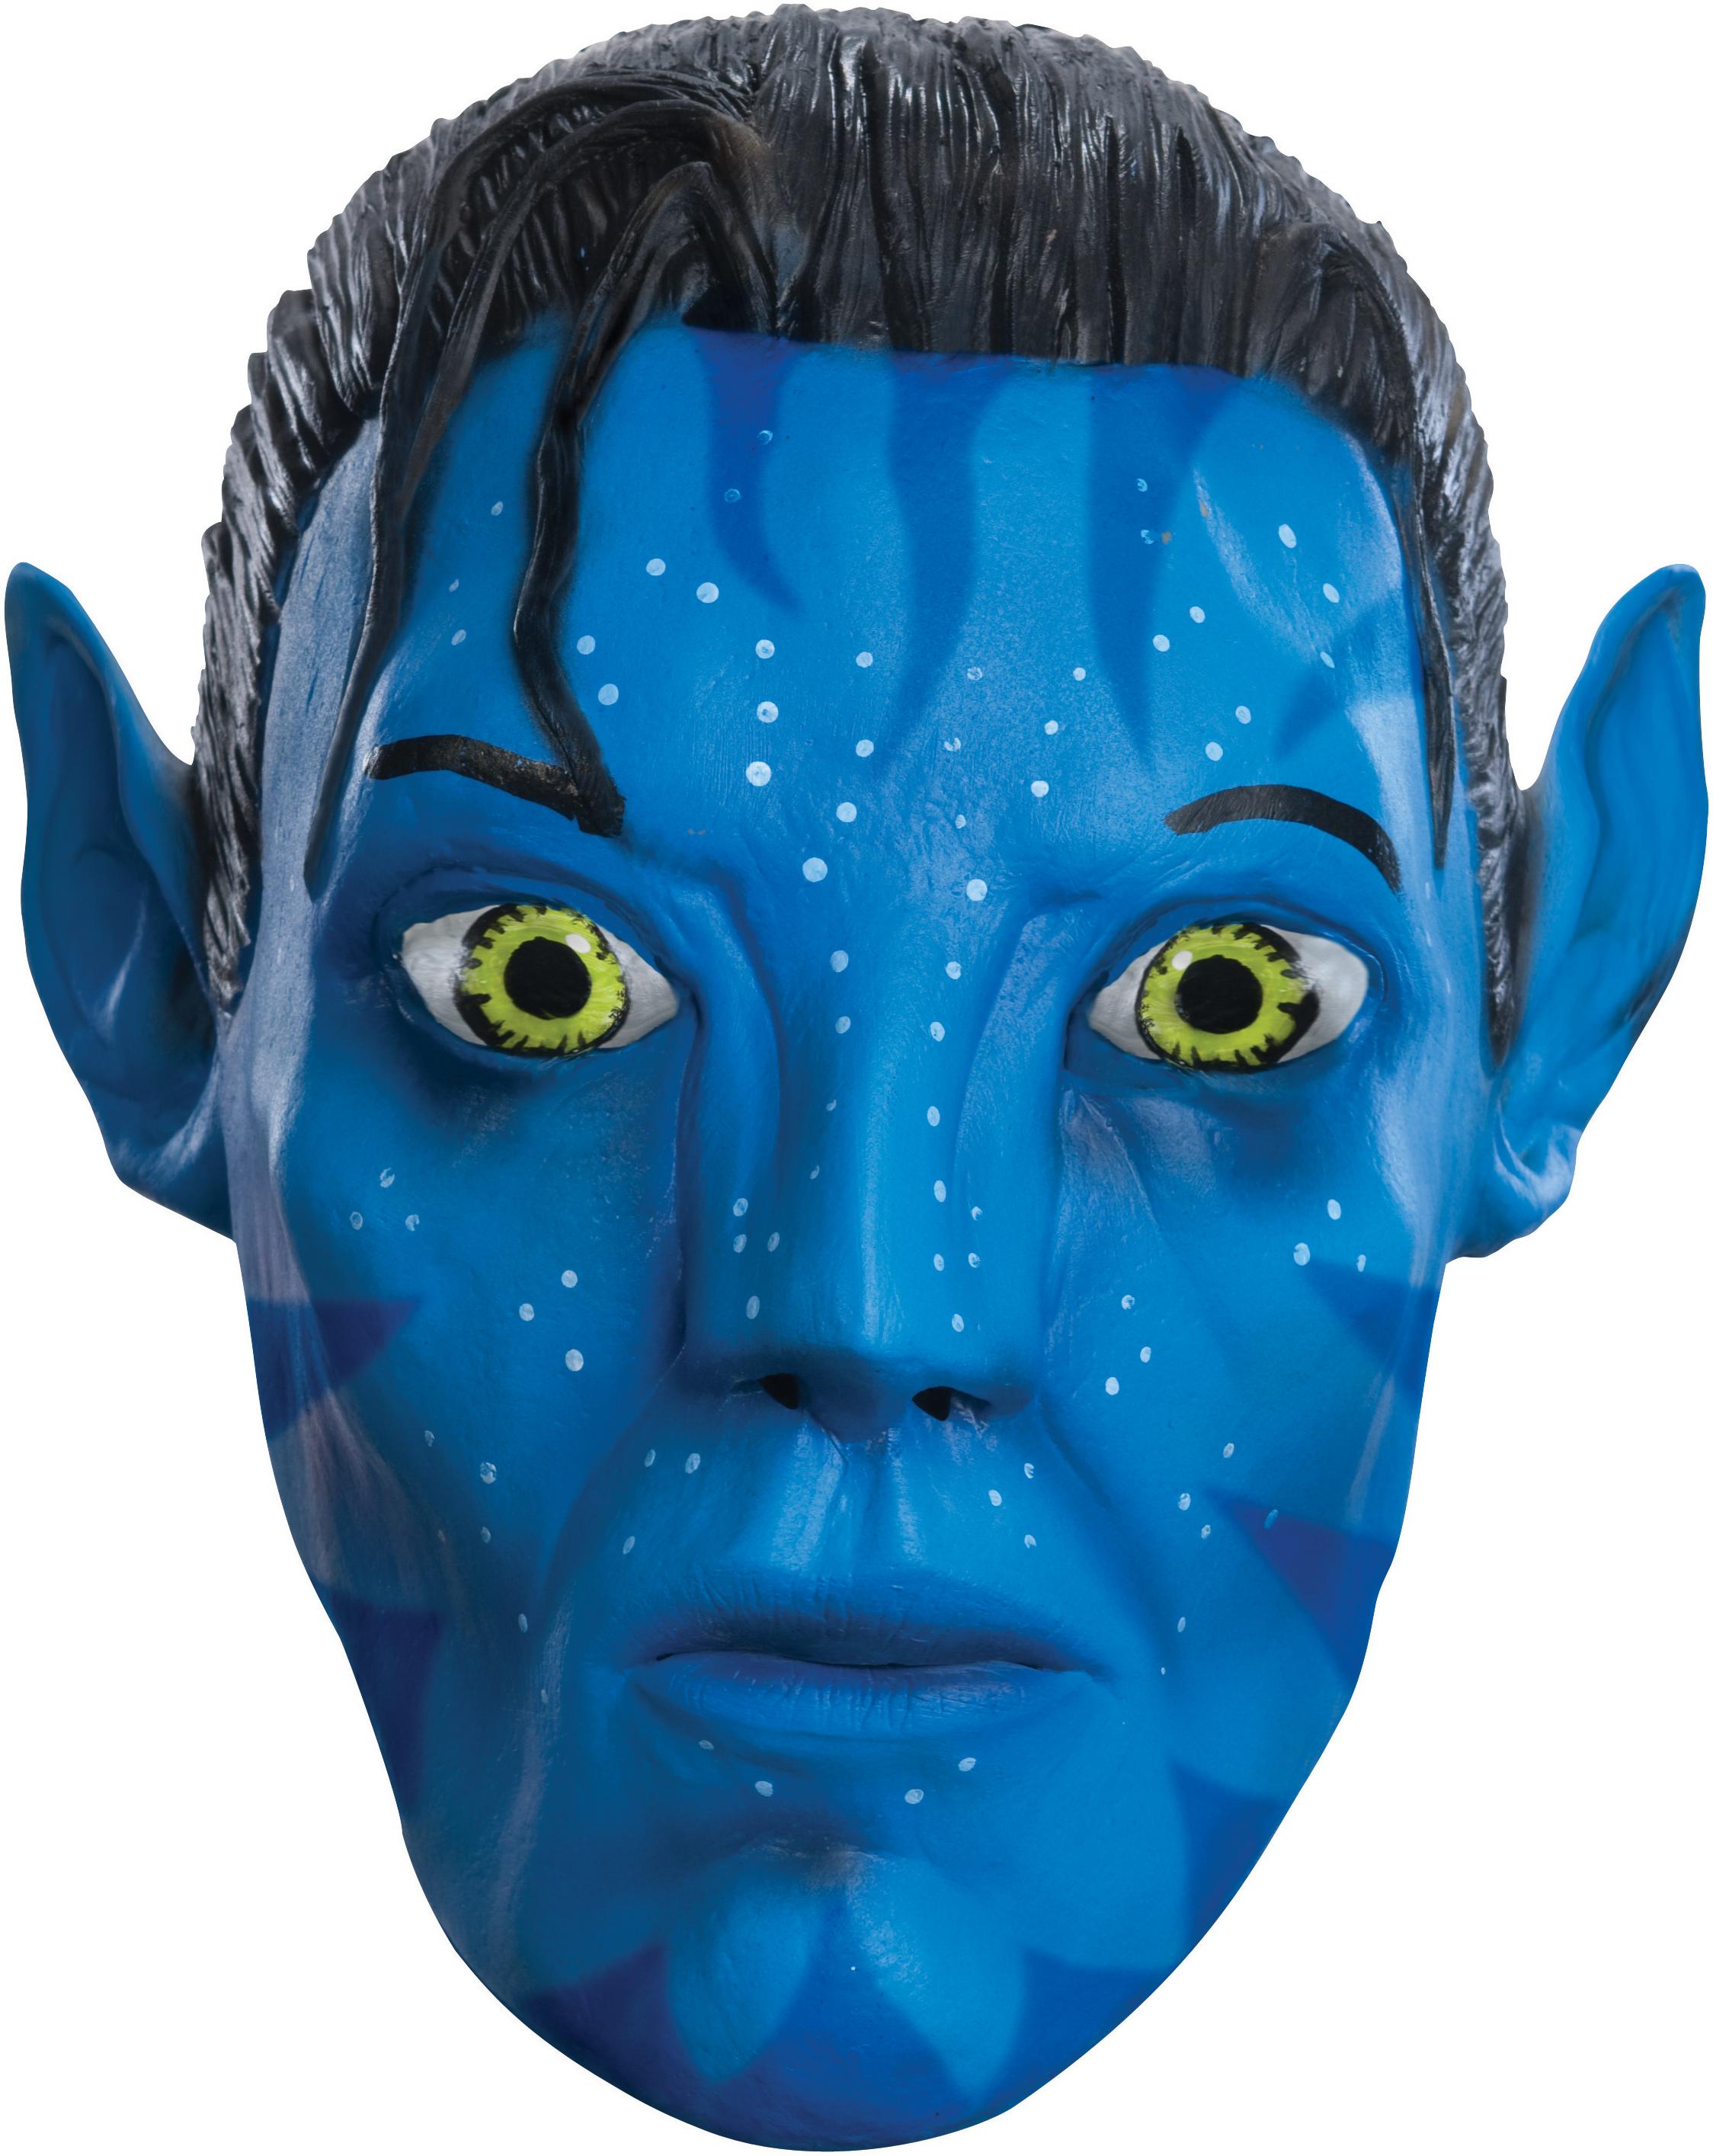 Avatar Movie Jake Sully 34 Vinyl Adult Mask - Partybellcom-2405